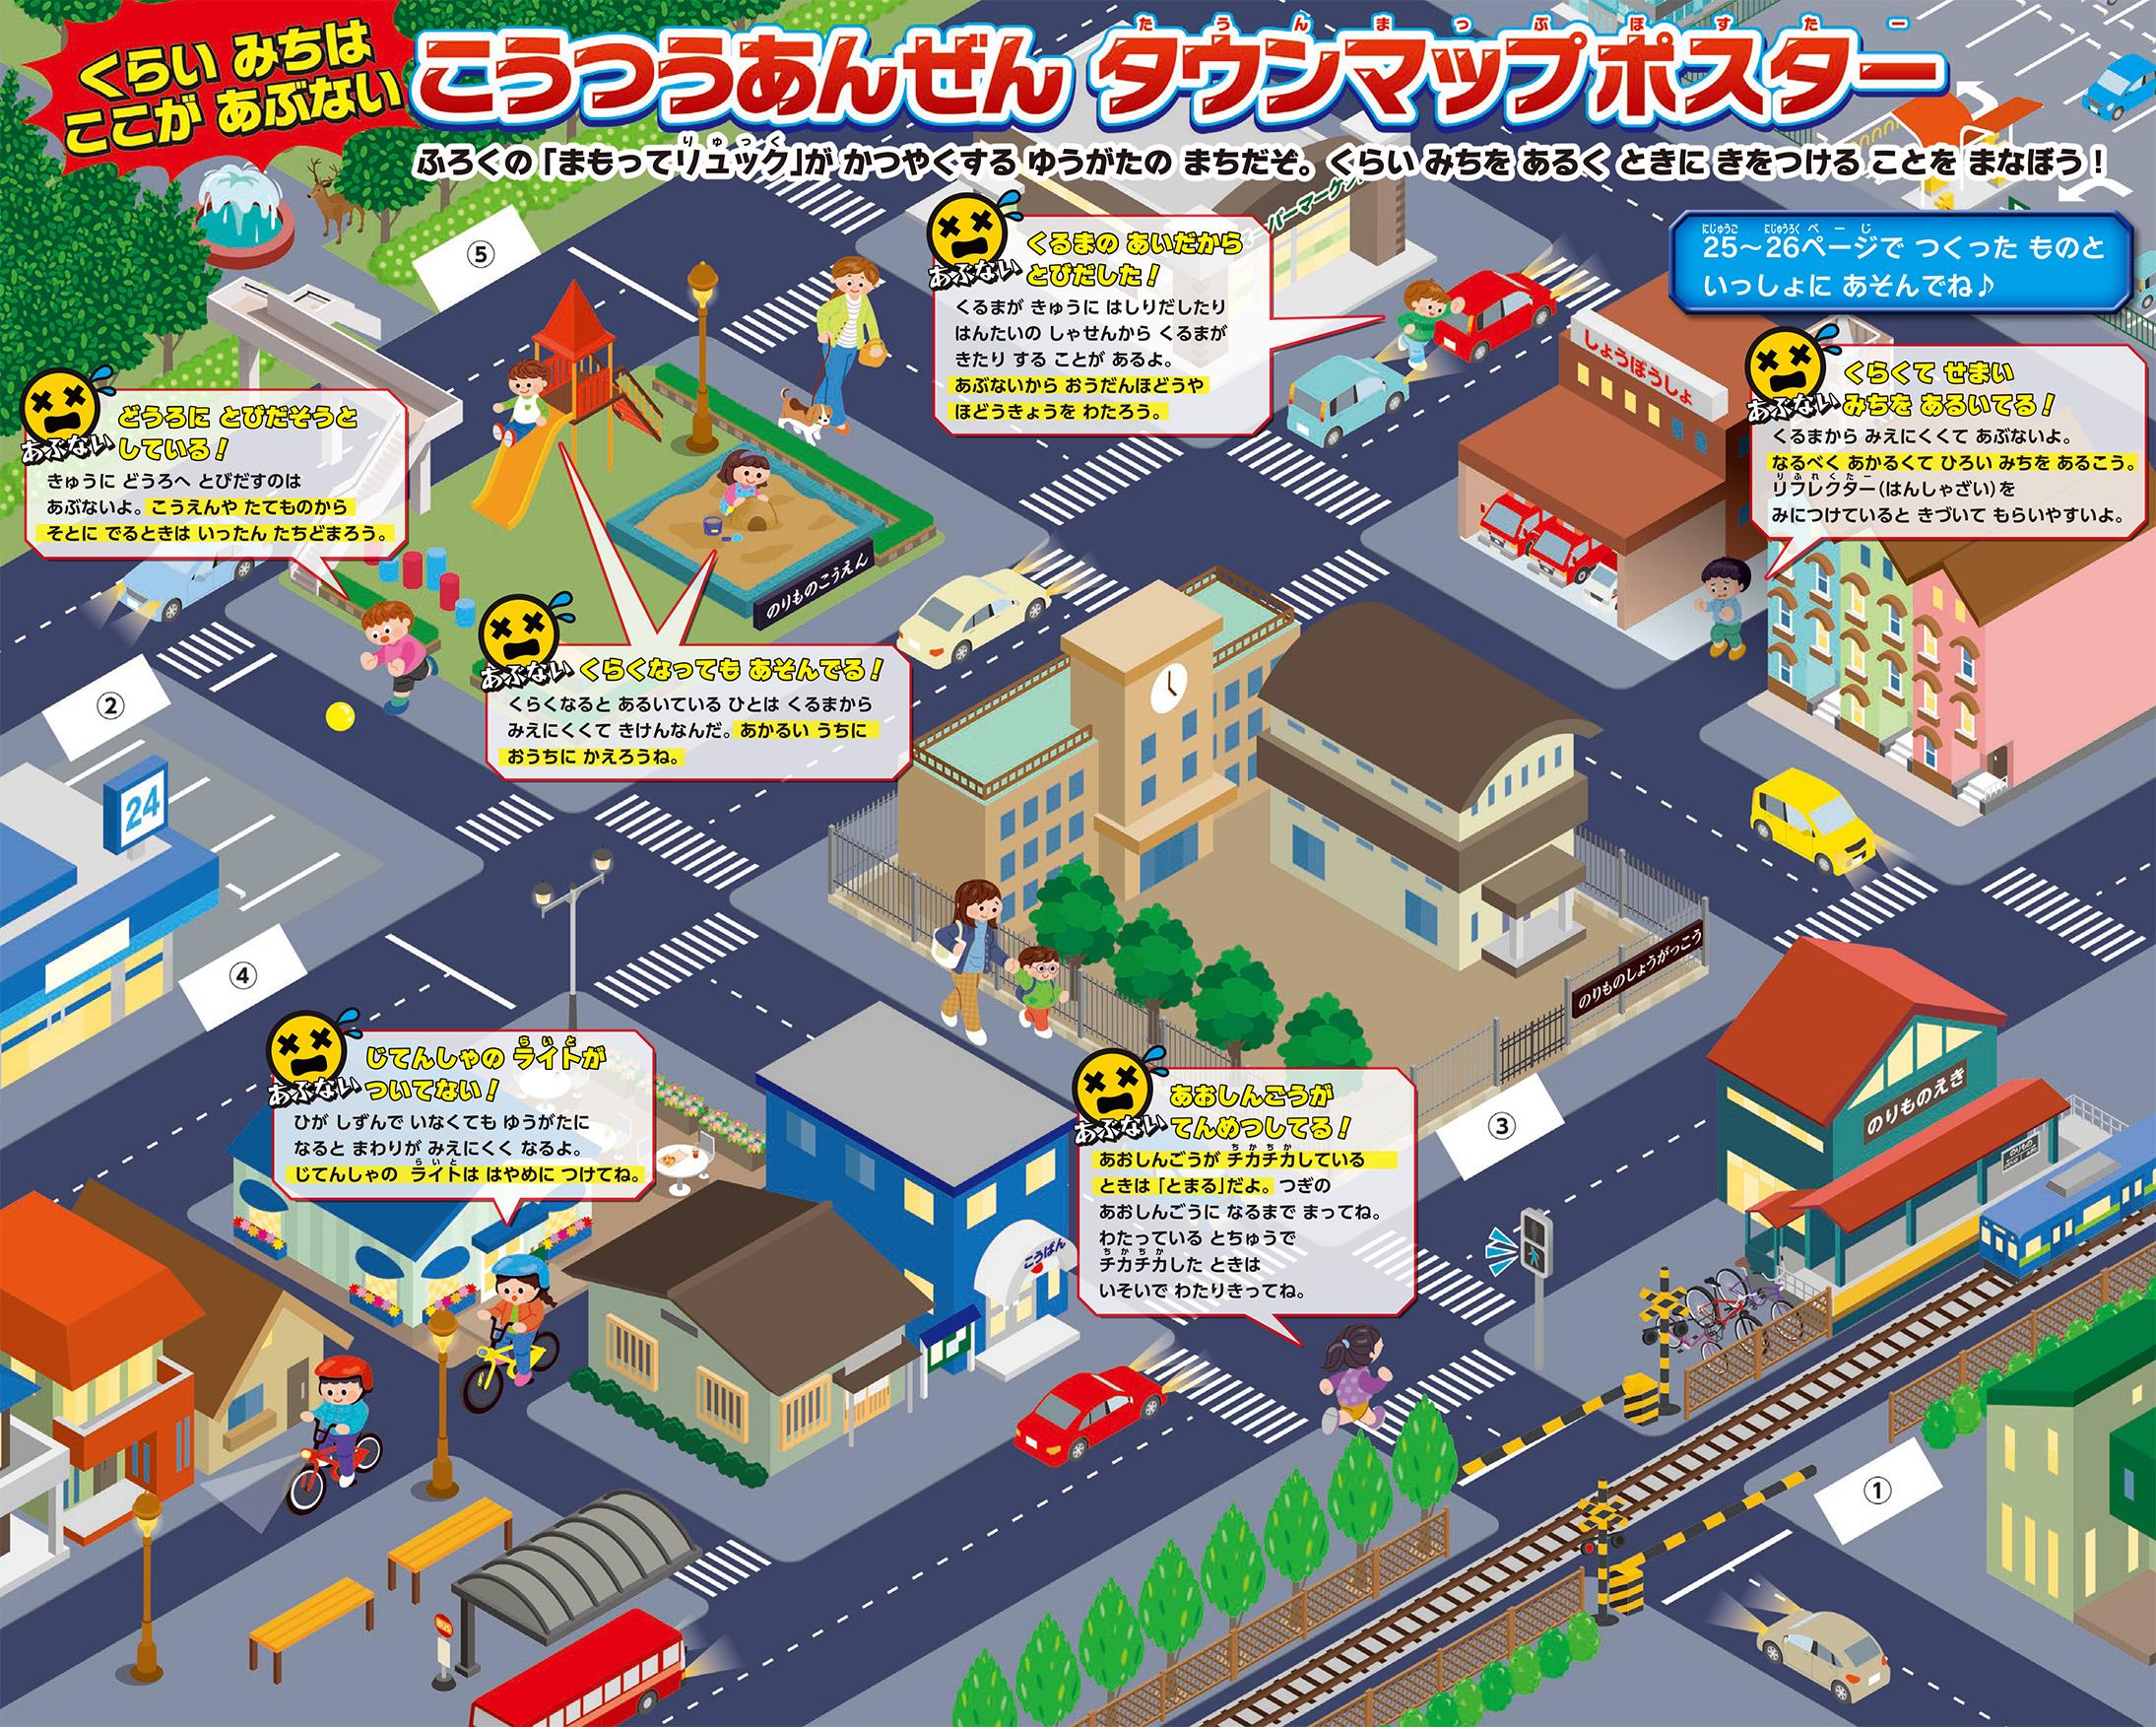 「こうつうあんぜん タウンマップポスター」画像